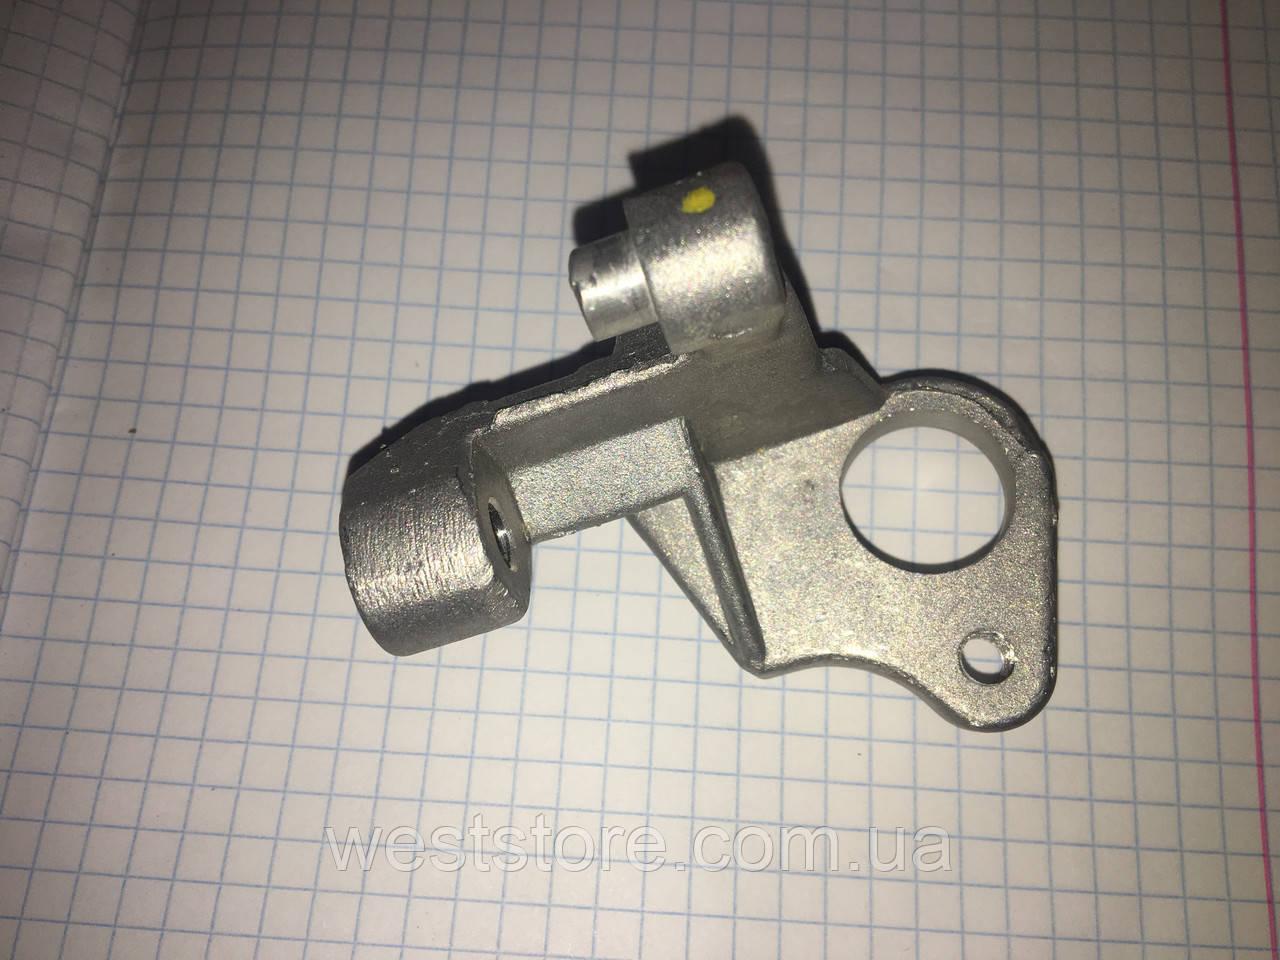 Кронштейн датчика положення колінвала Daewoo Lanos Ланос 1.5,OE 96351257